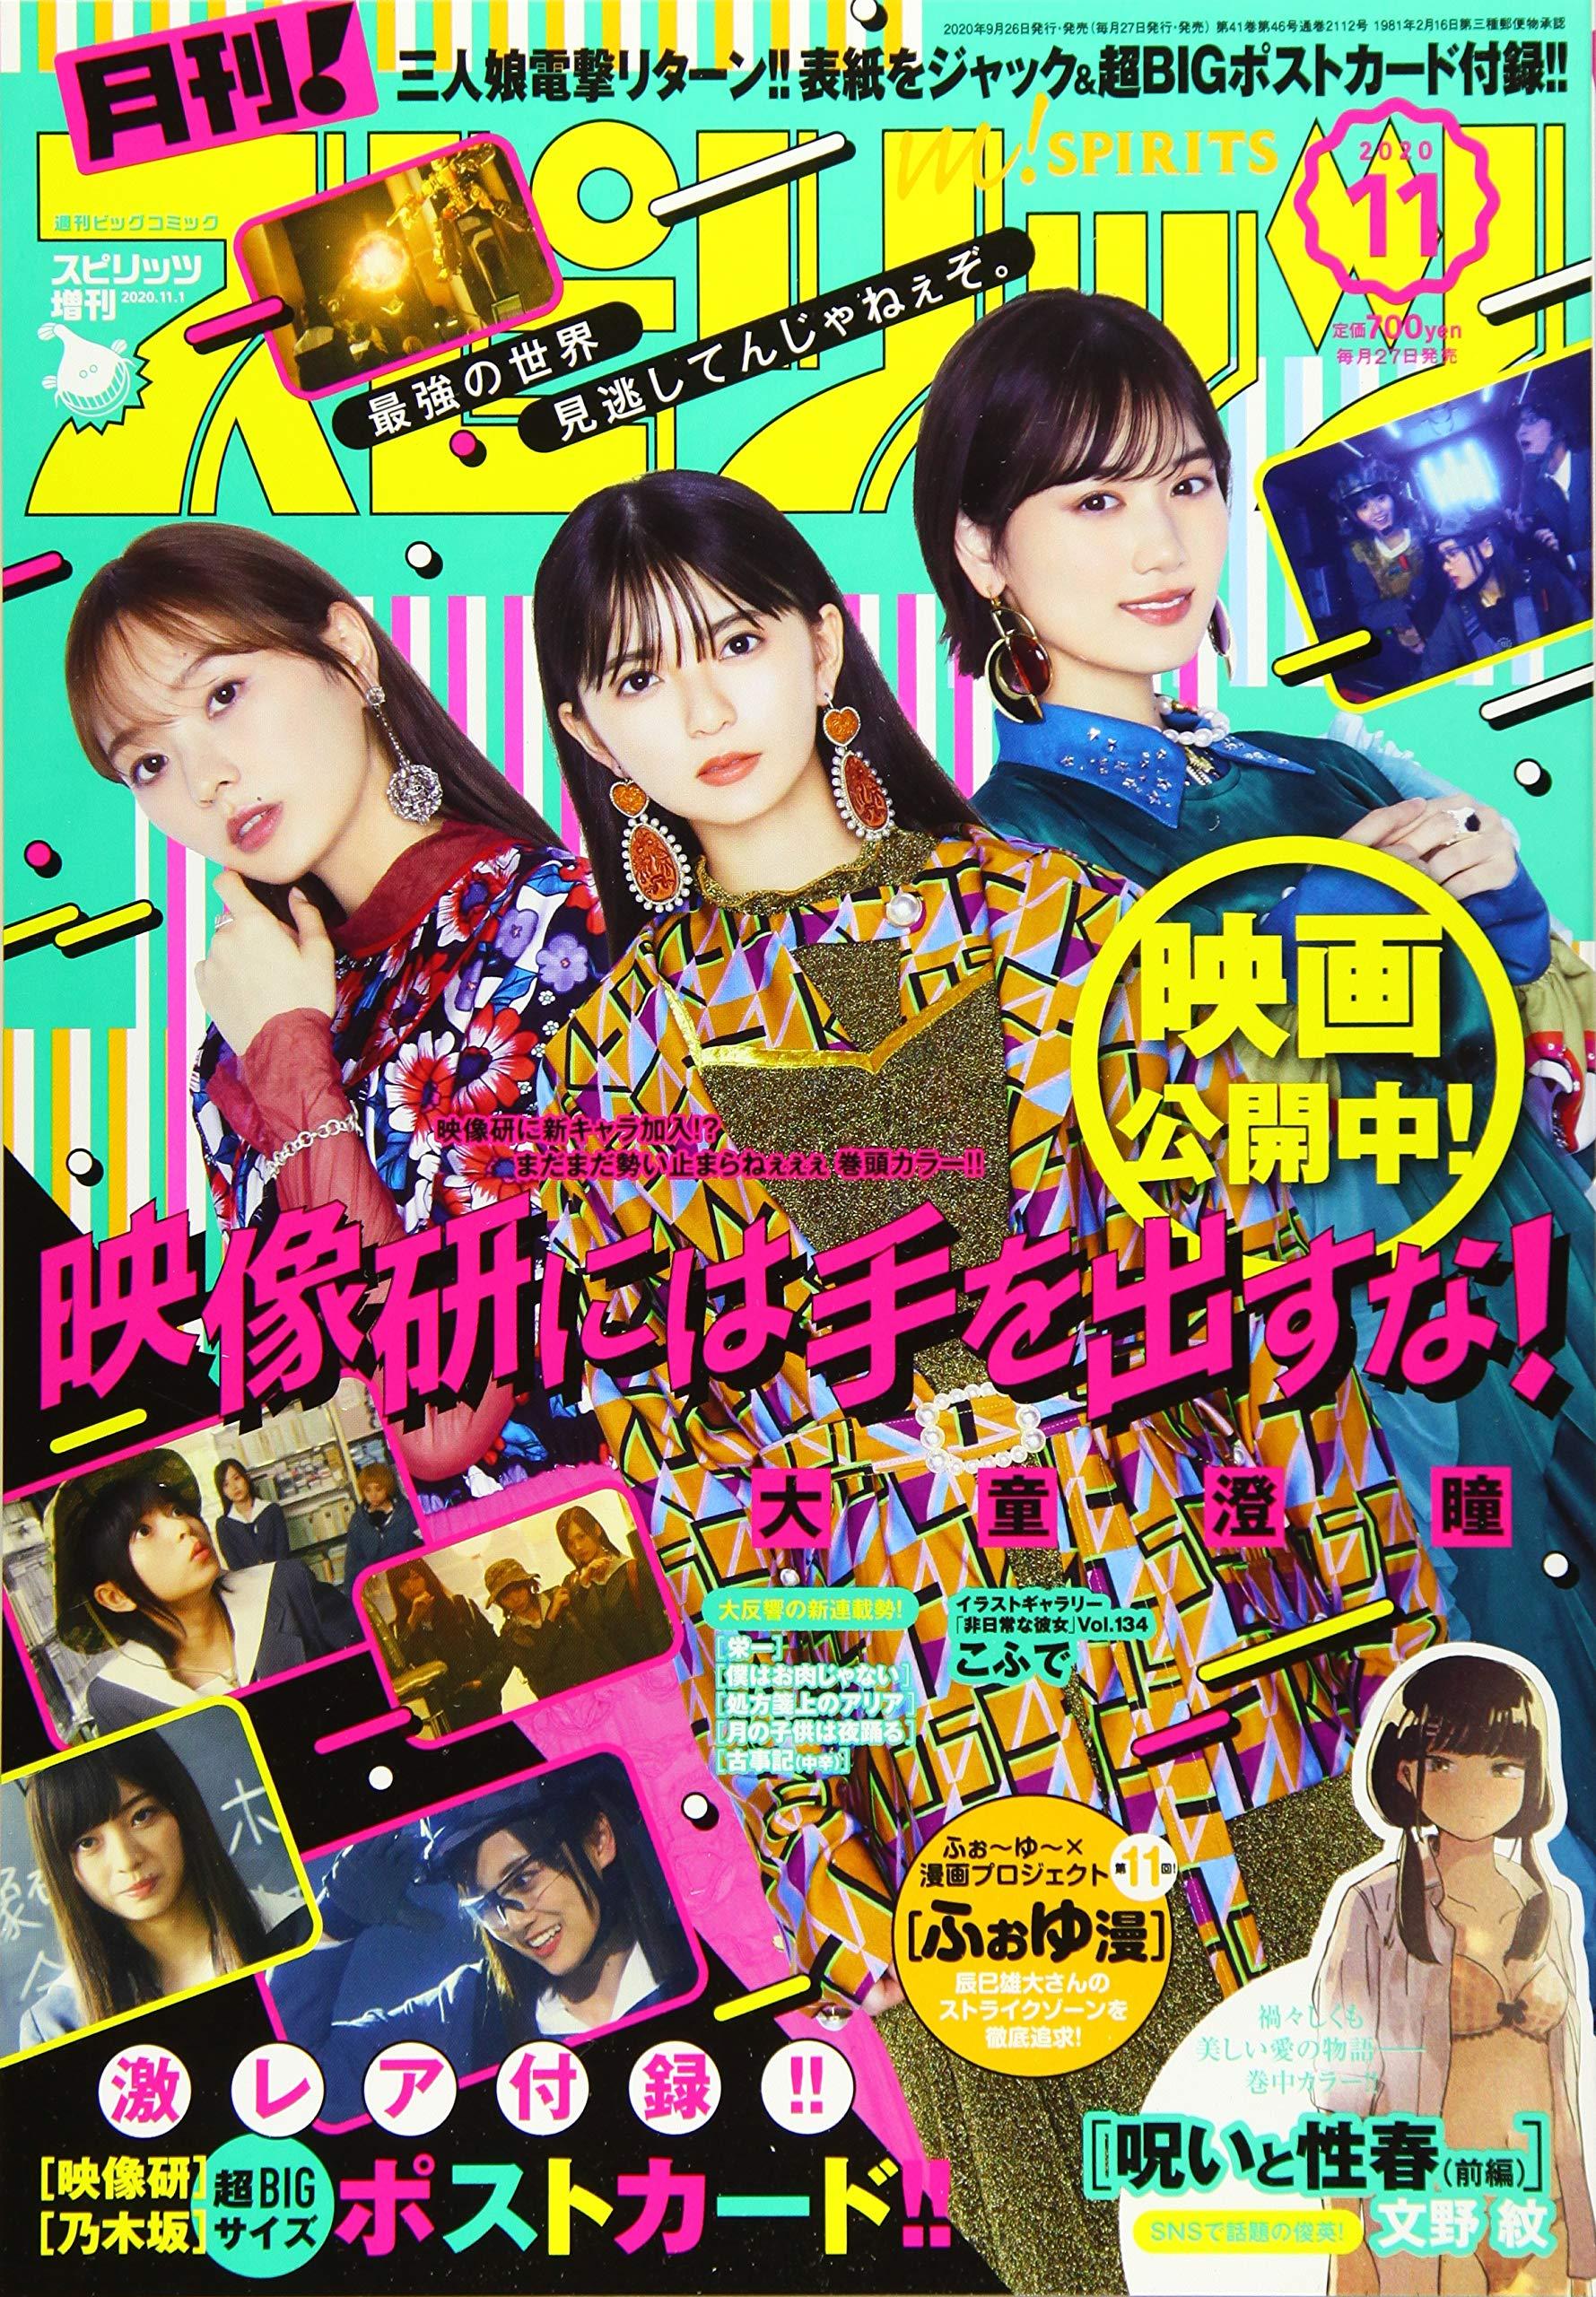 月刊スピリッツ 2020年11月号 乃木坂46 映像研